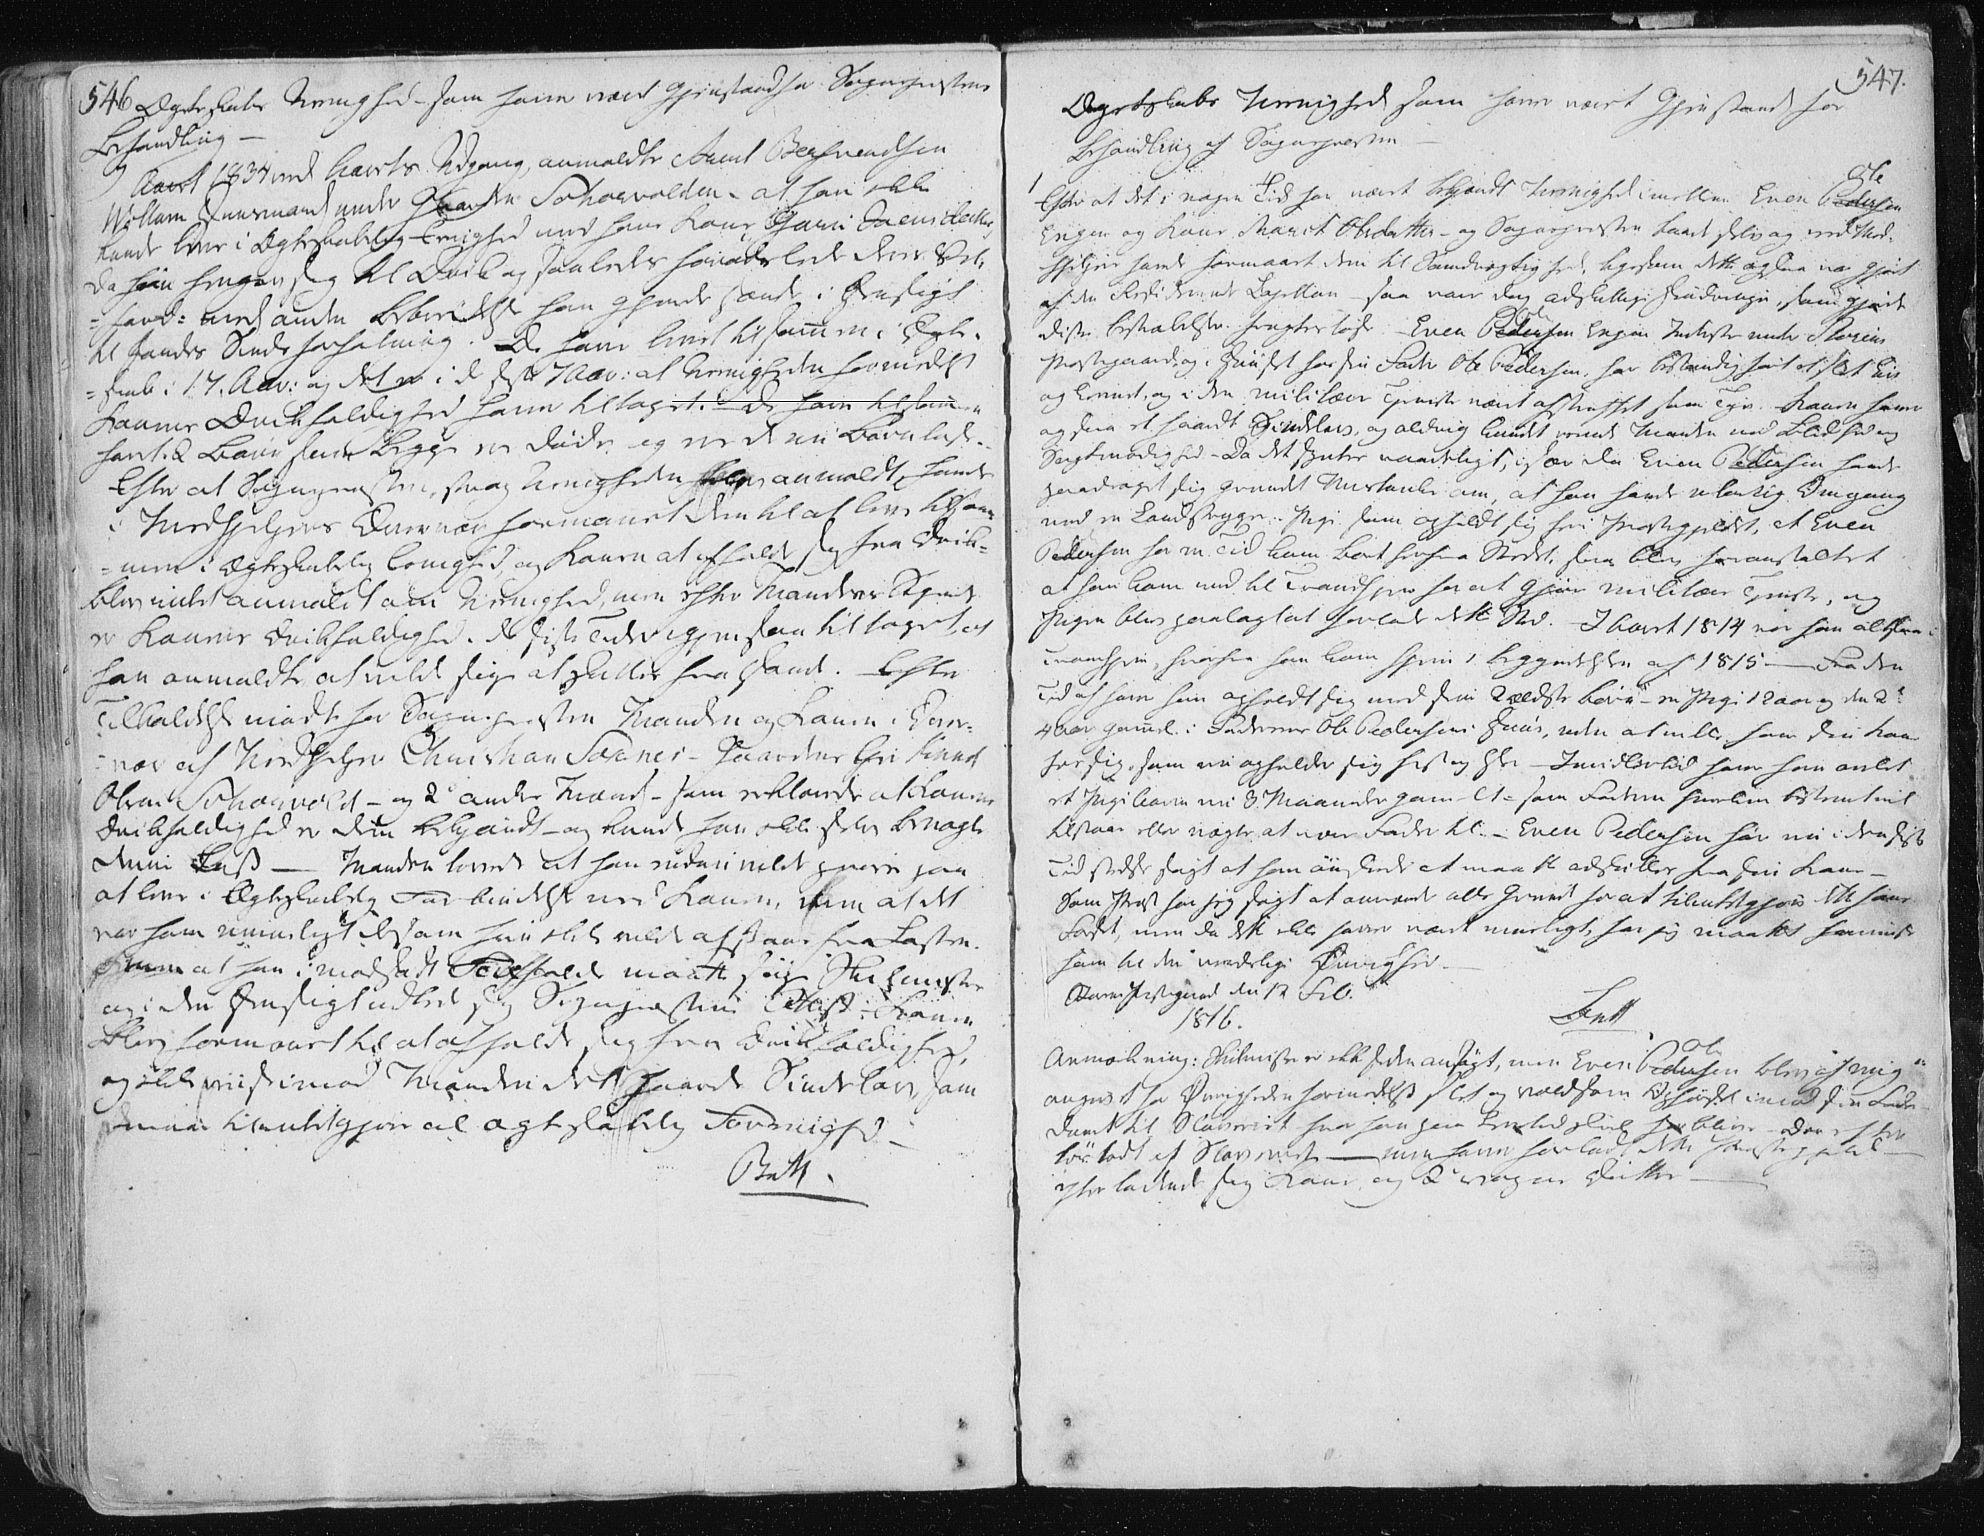 SAT, Ministerialprotokoller, klokkerbøker og fødselsregistre - Sør-Trøndelag, 687/L0992: Ministerialbok nr. 687A03 /1, 1788-1815, s. 546-547